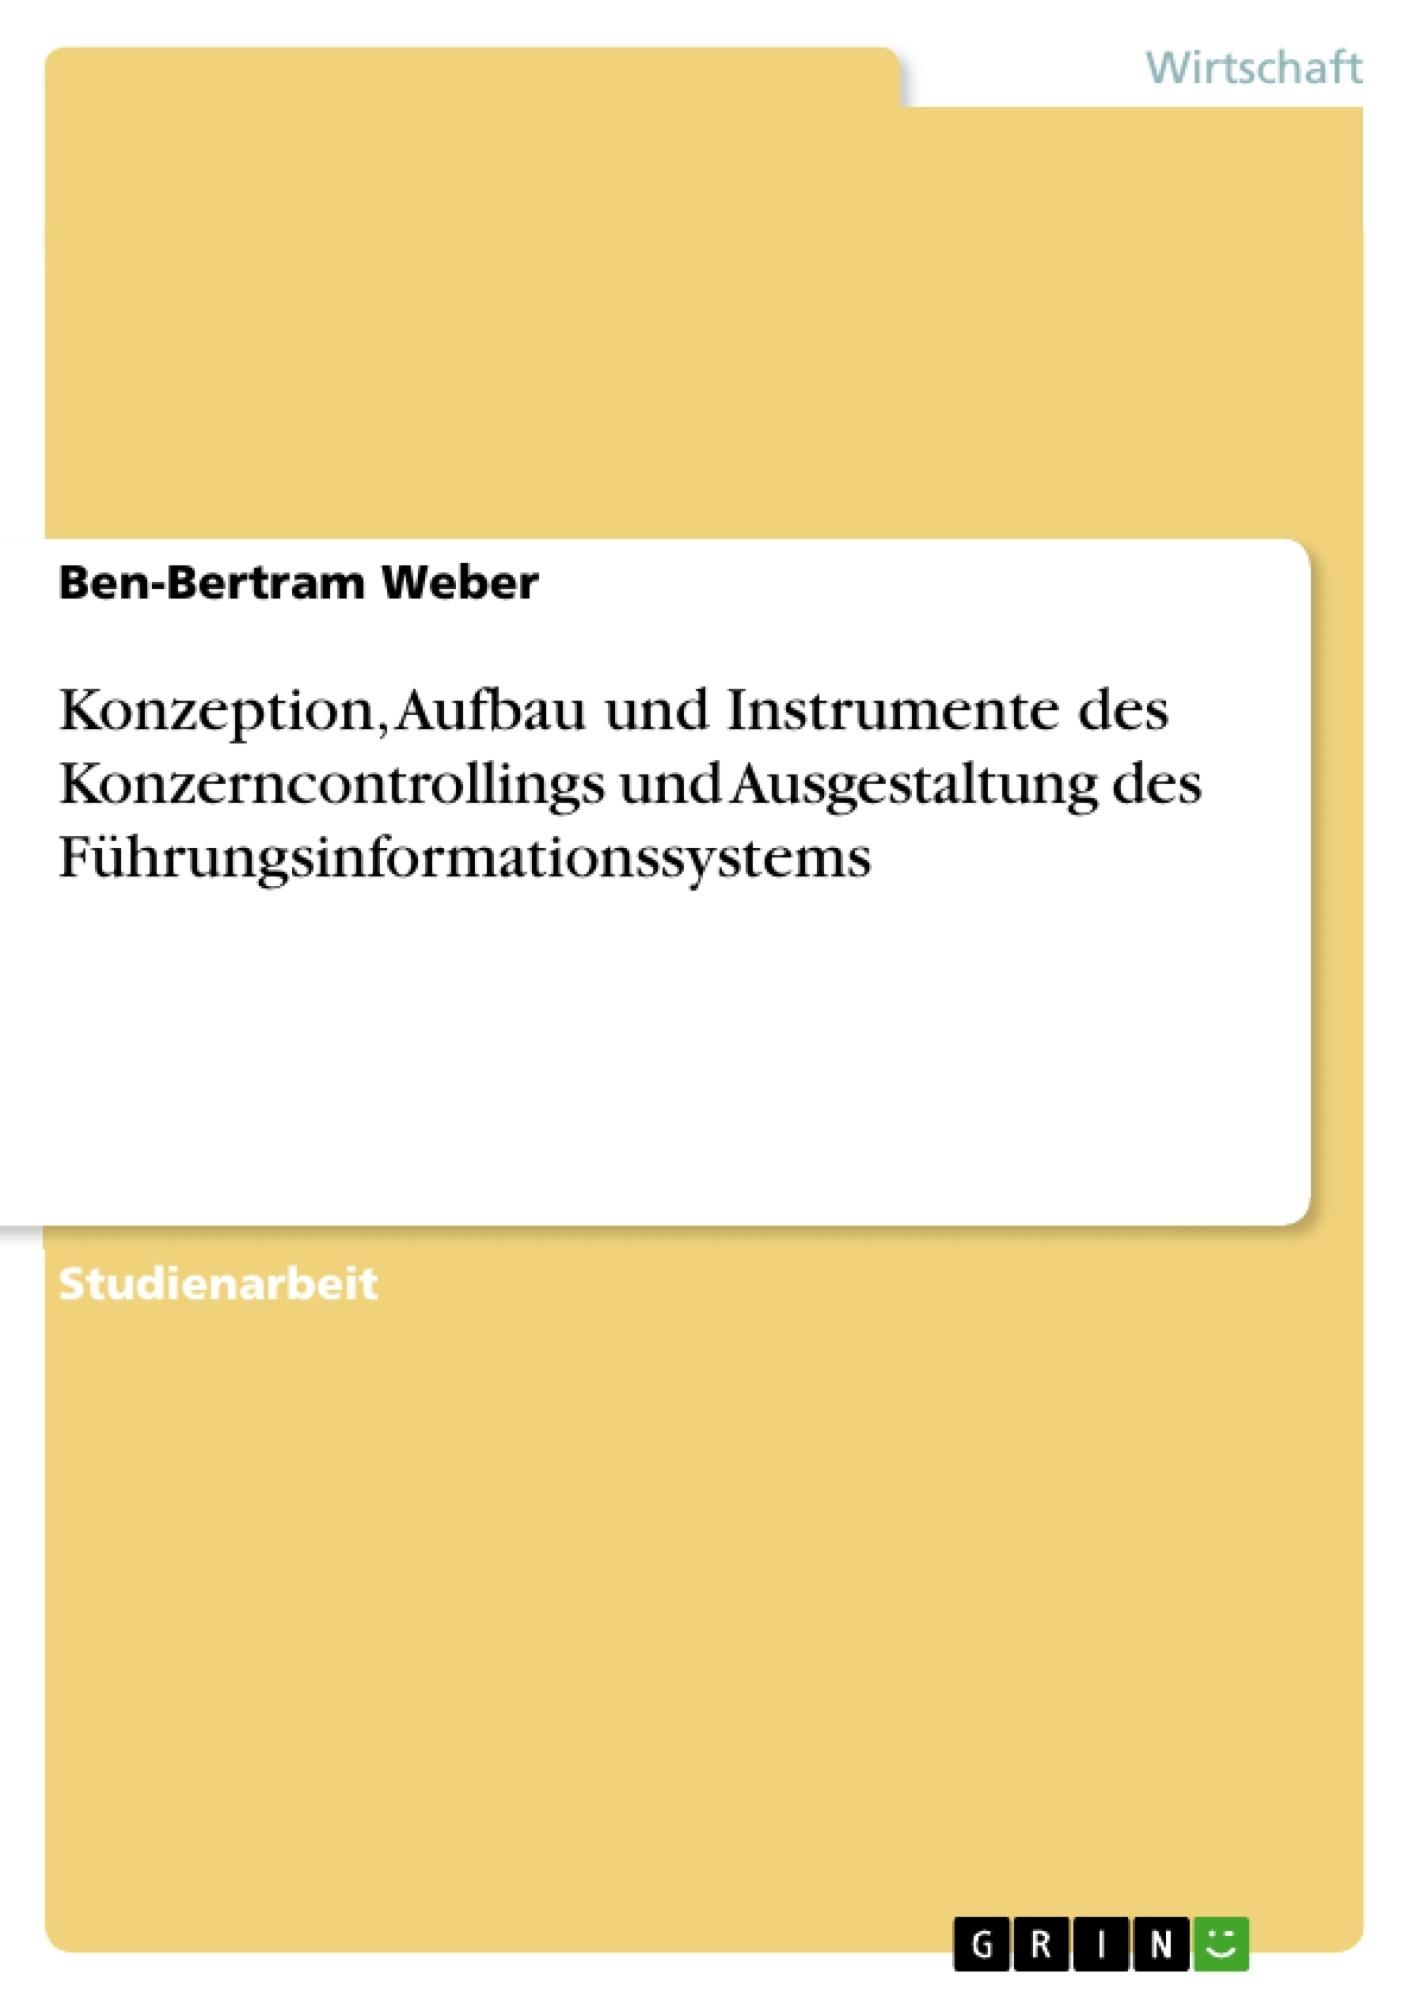 Titel: Konzeption, Aufbau und Instrumente des Konzerncontrollings und Ausgestaltung des Führungsinformationssystems